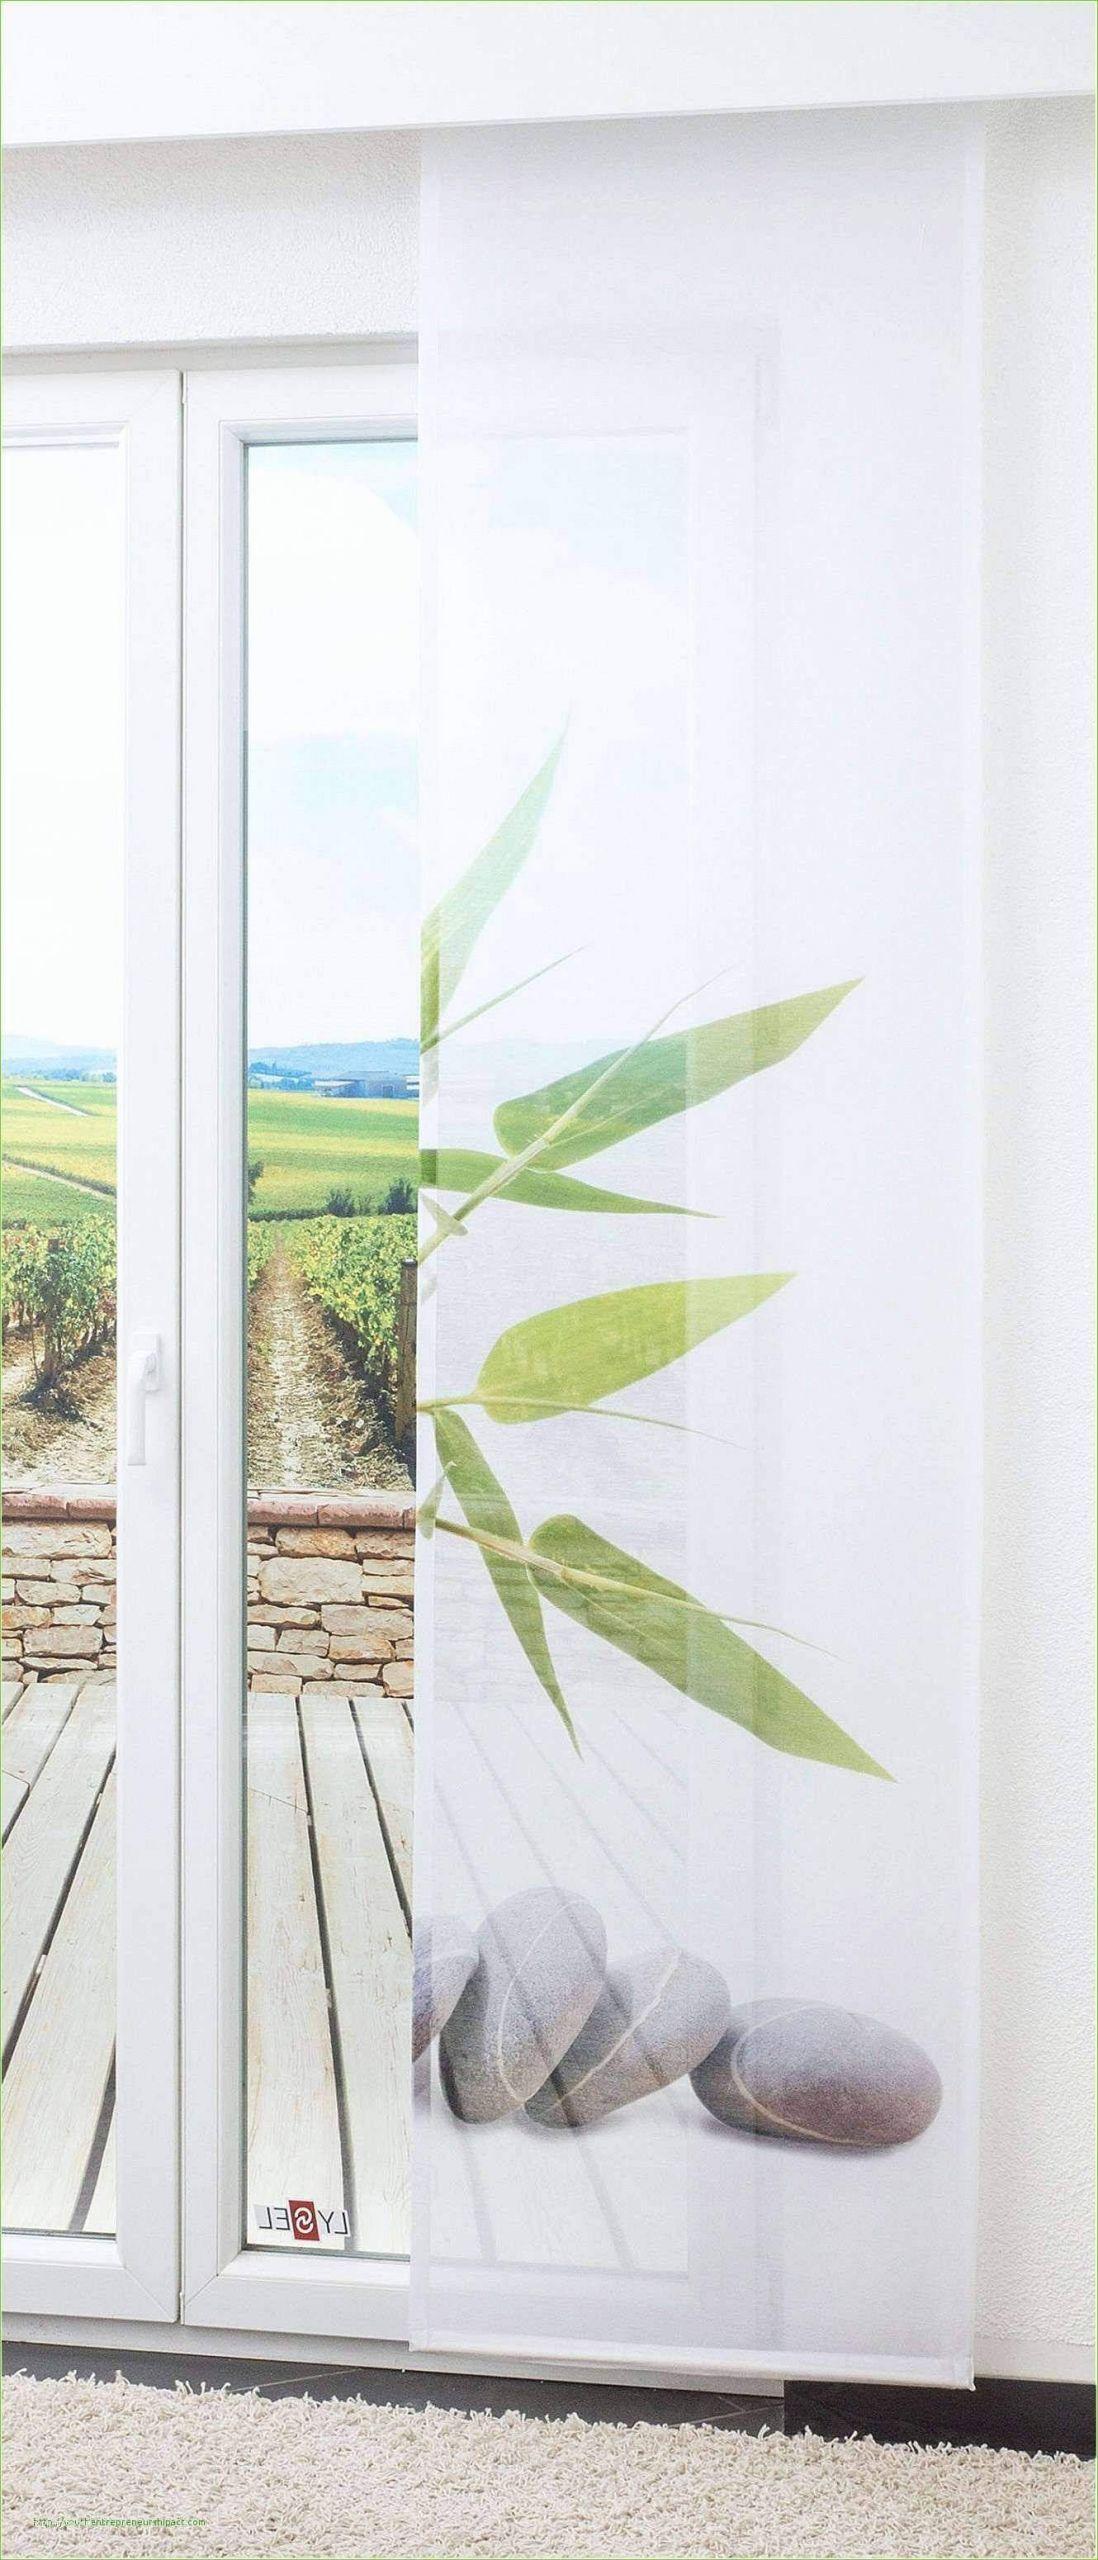 deko wohnzimmer selber machen inspirierend awesome wohnzimmer deko aus metall inspirations of deko wohnzimmer selber machen scaled